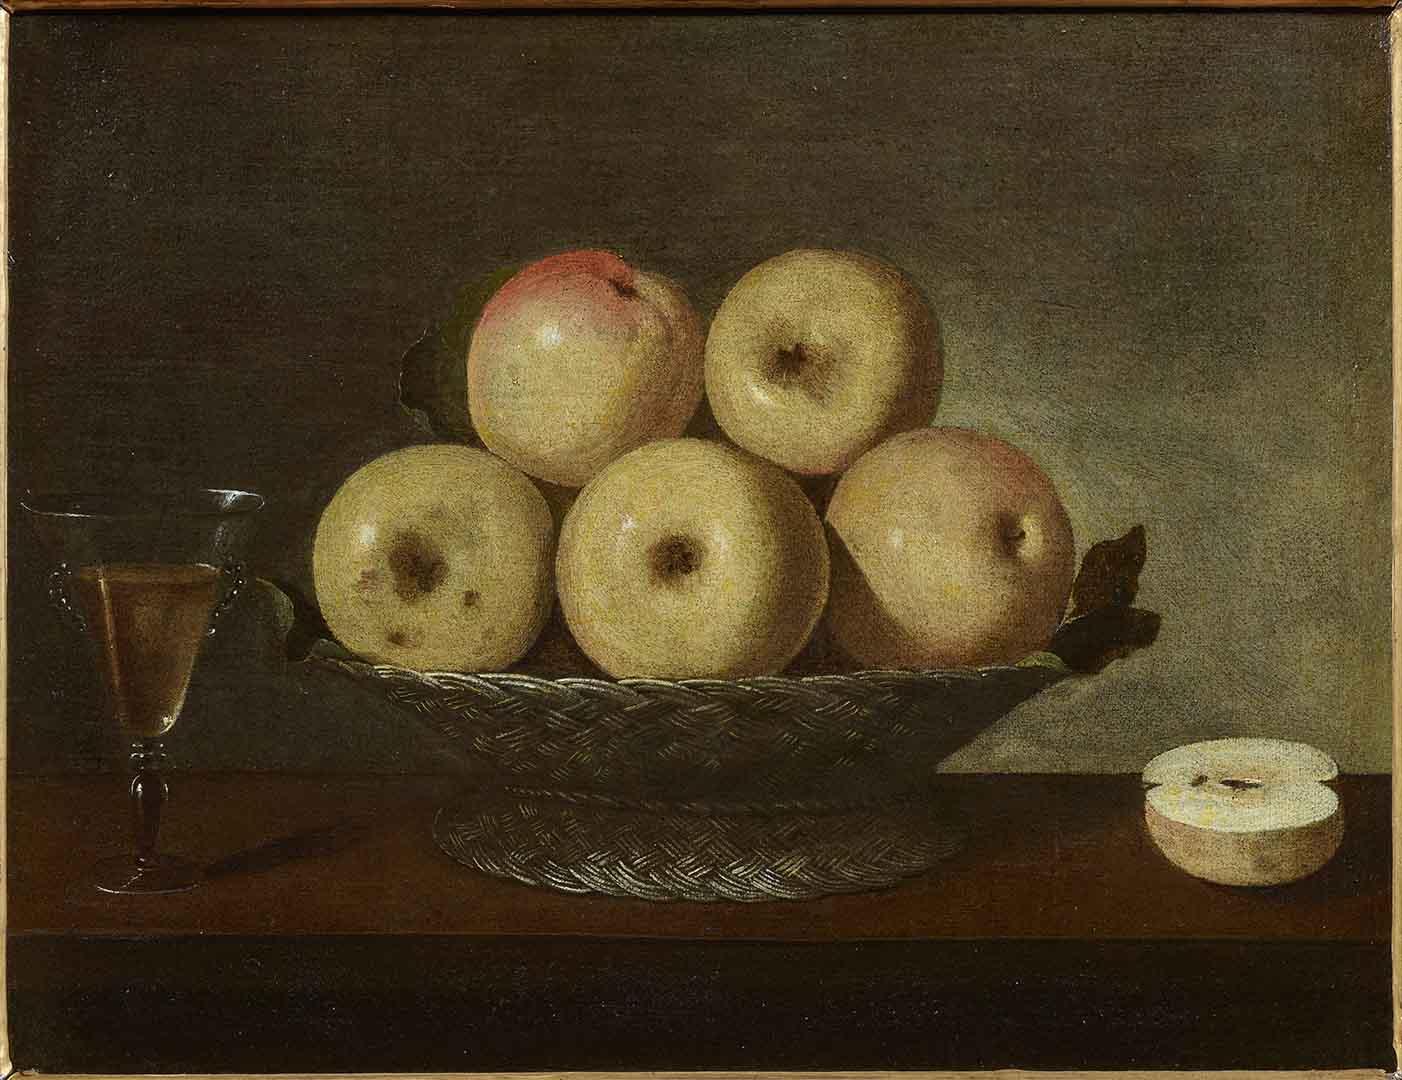 Catalogo Bodegon con manzanas y copa de vino Pedro de Camprobin Galeria Caylus